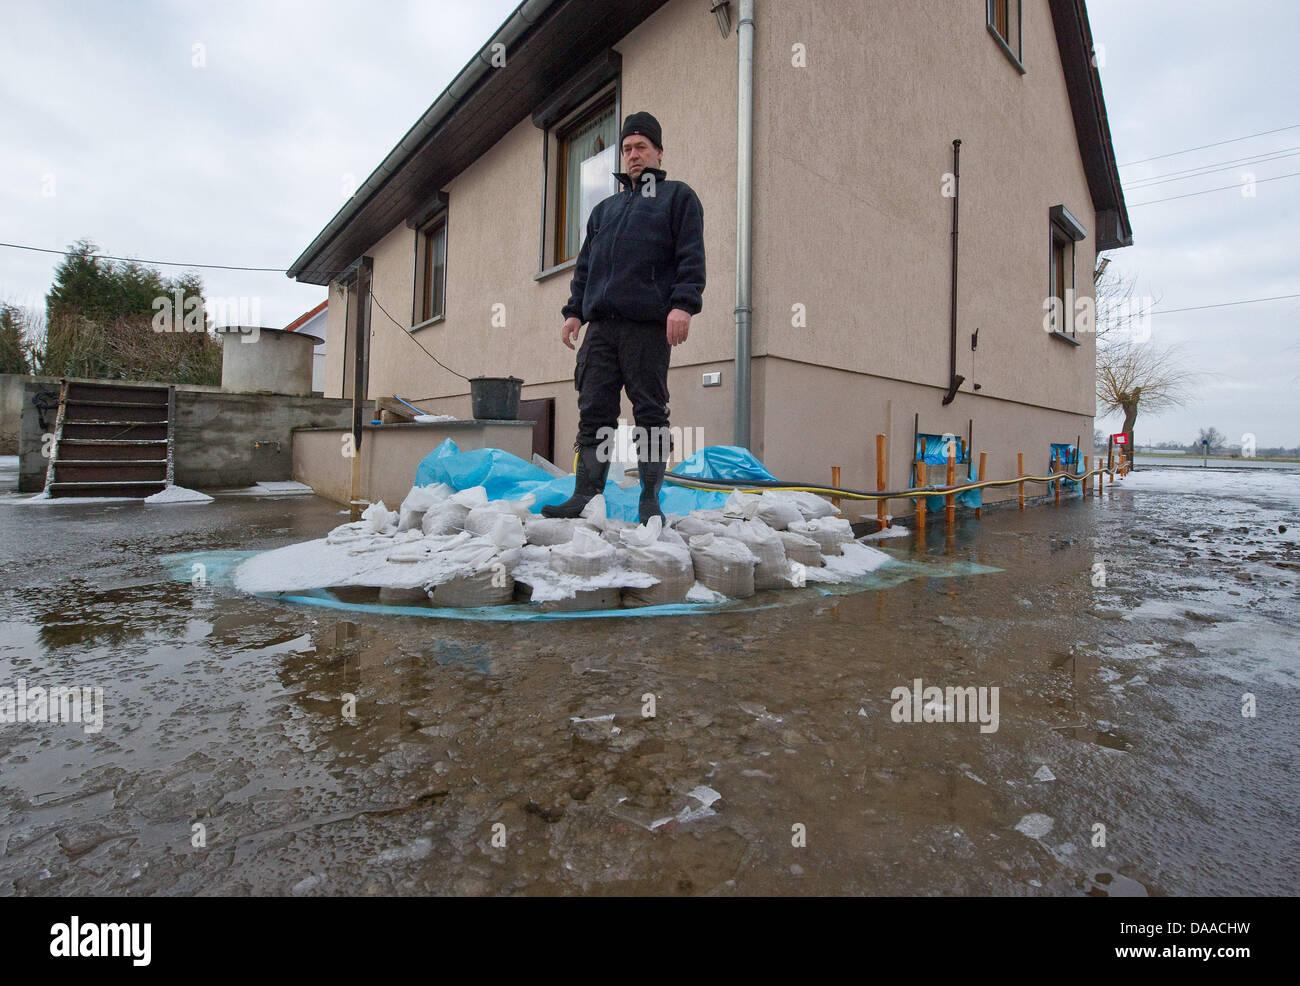 Hauseigentümer Ruediger Ewald steht auf Sandsäcke vor seinem überfluteten Haus während der Flut Stockbild